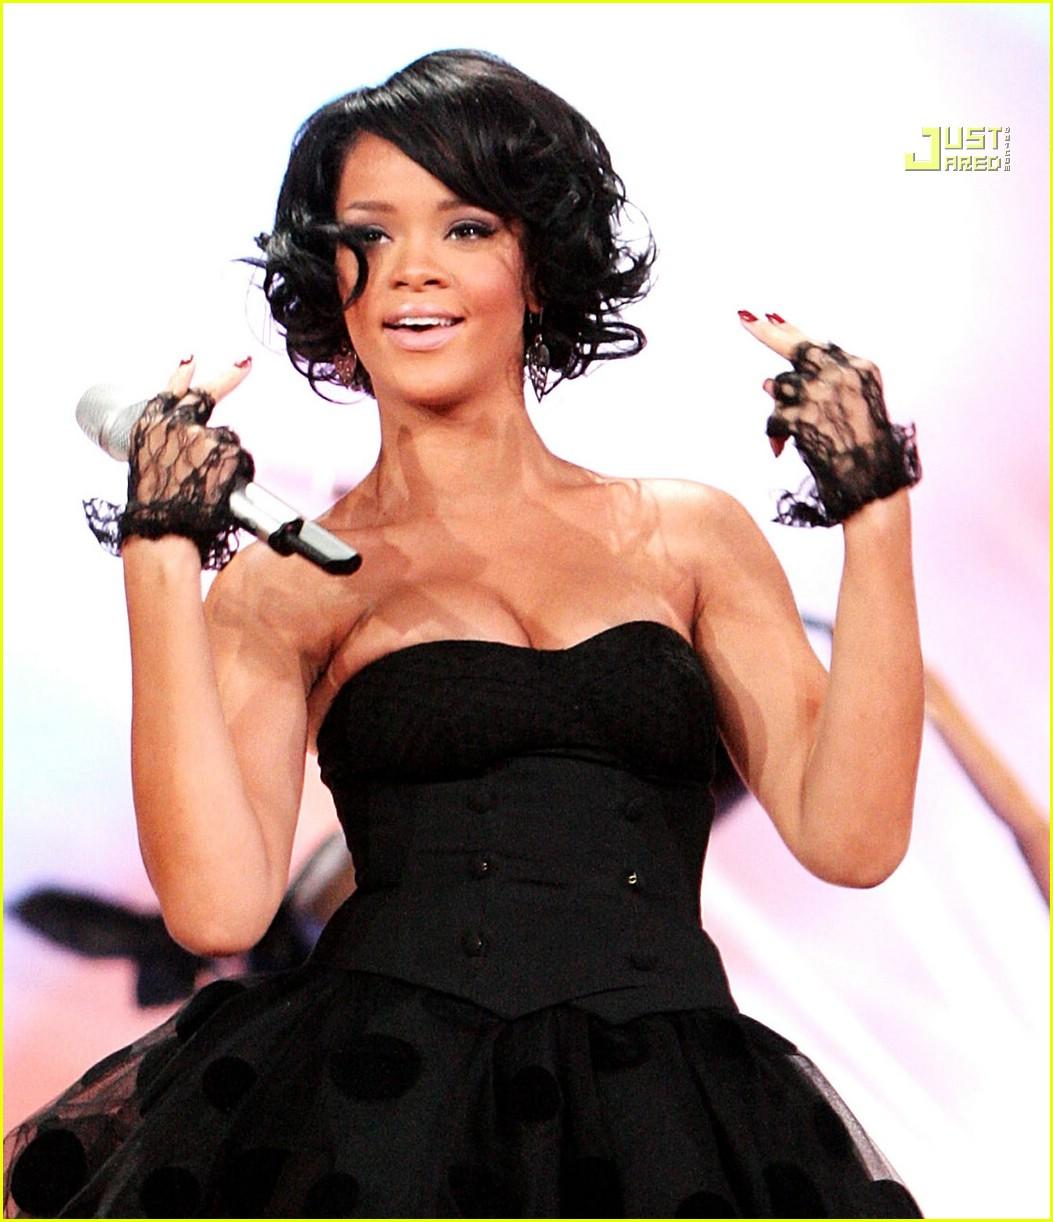 http://3.bp.blogspot.com/_D7HeuMReRVk/R1H7Et4dmkI/AAAAAAAAAU0/QFnDA33bqA8/s1600-R/rihanna-world-music-awards-performance-04.jpg